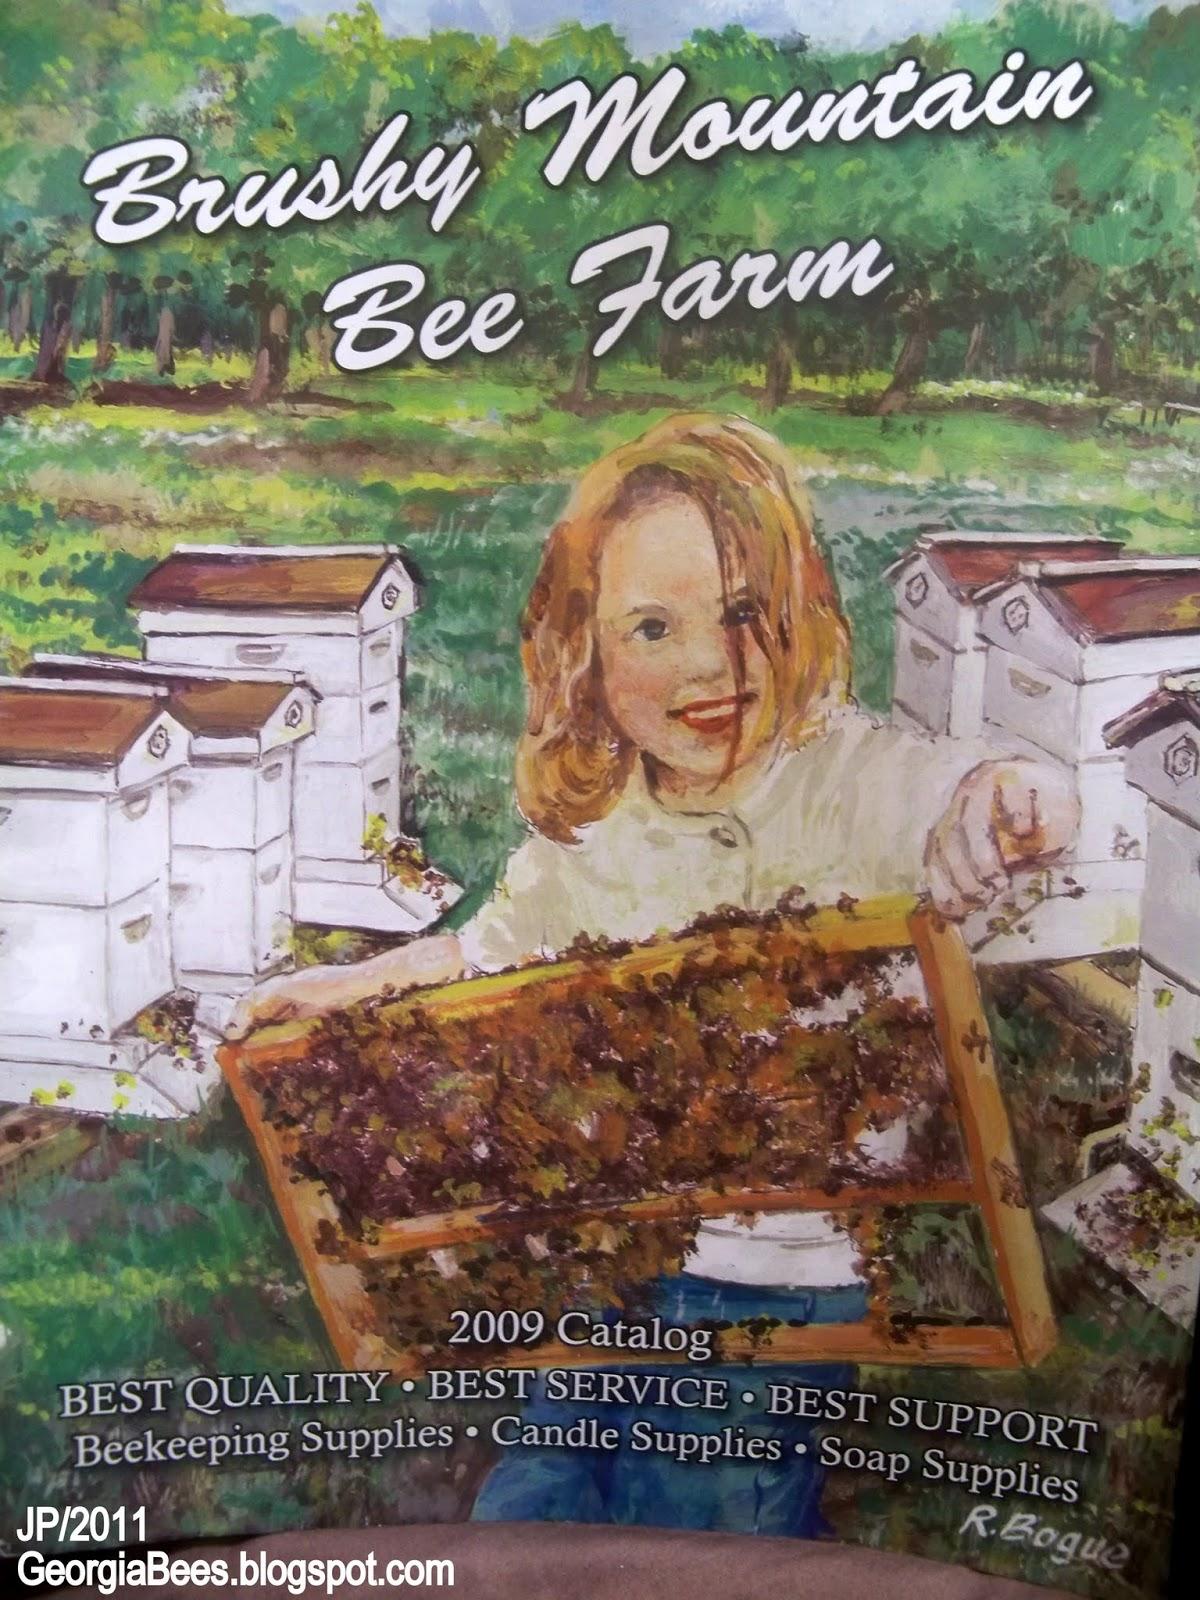 http://2.bp.blogspot.com/-nKZQBbZIyB0/TzFIaROWK1I/AAAAAAAEy8E/C8AlwmvokfQ/s1600/BRUSHY+MOUNTAIN+2009+Bee+Farm+Beekeeping+Supply+Catalog+Beekeepers+Equipment+Moravian+Falls+North+Carolina+Steve+Forrest.JPG